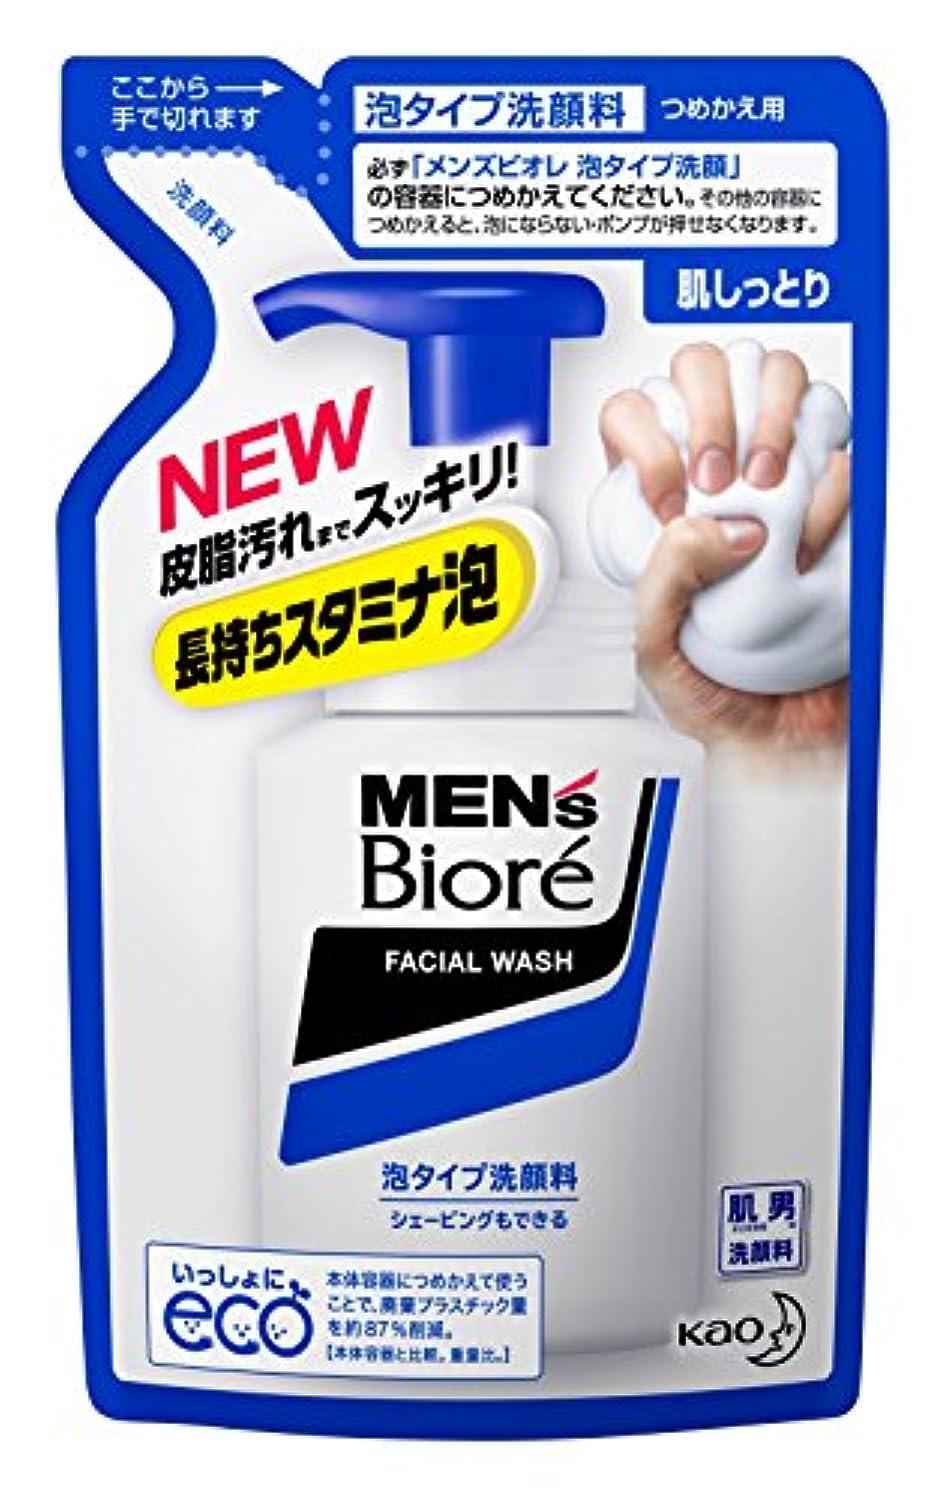 ベール不注意一般メンズビオレ 泡タイプ洗顔 つめかえ